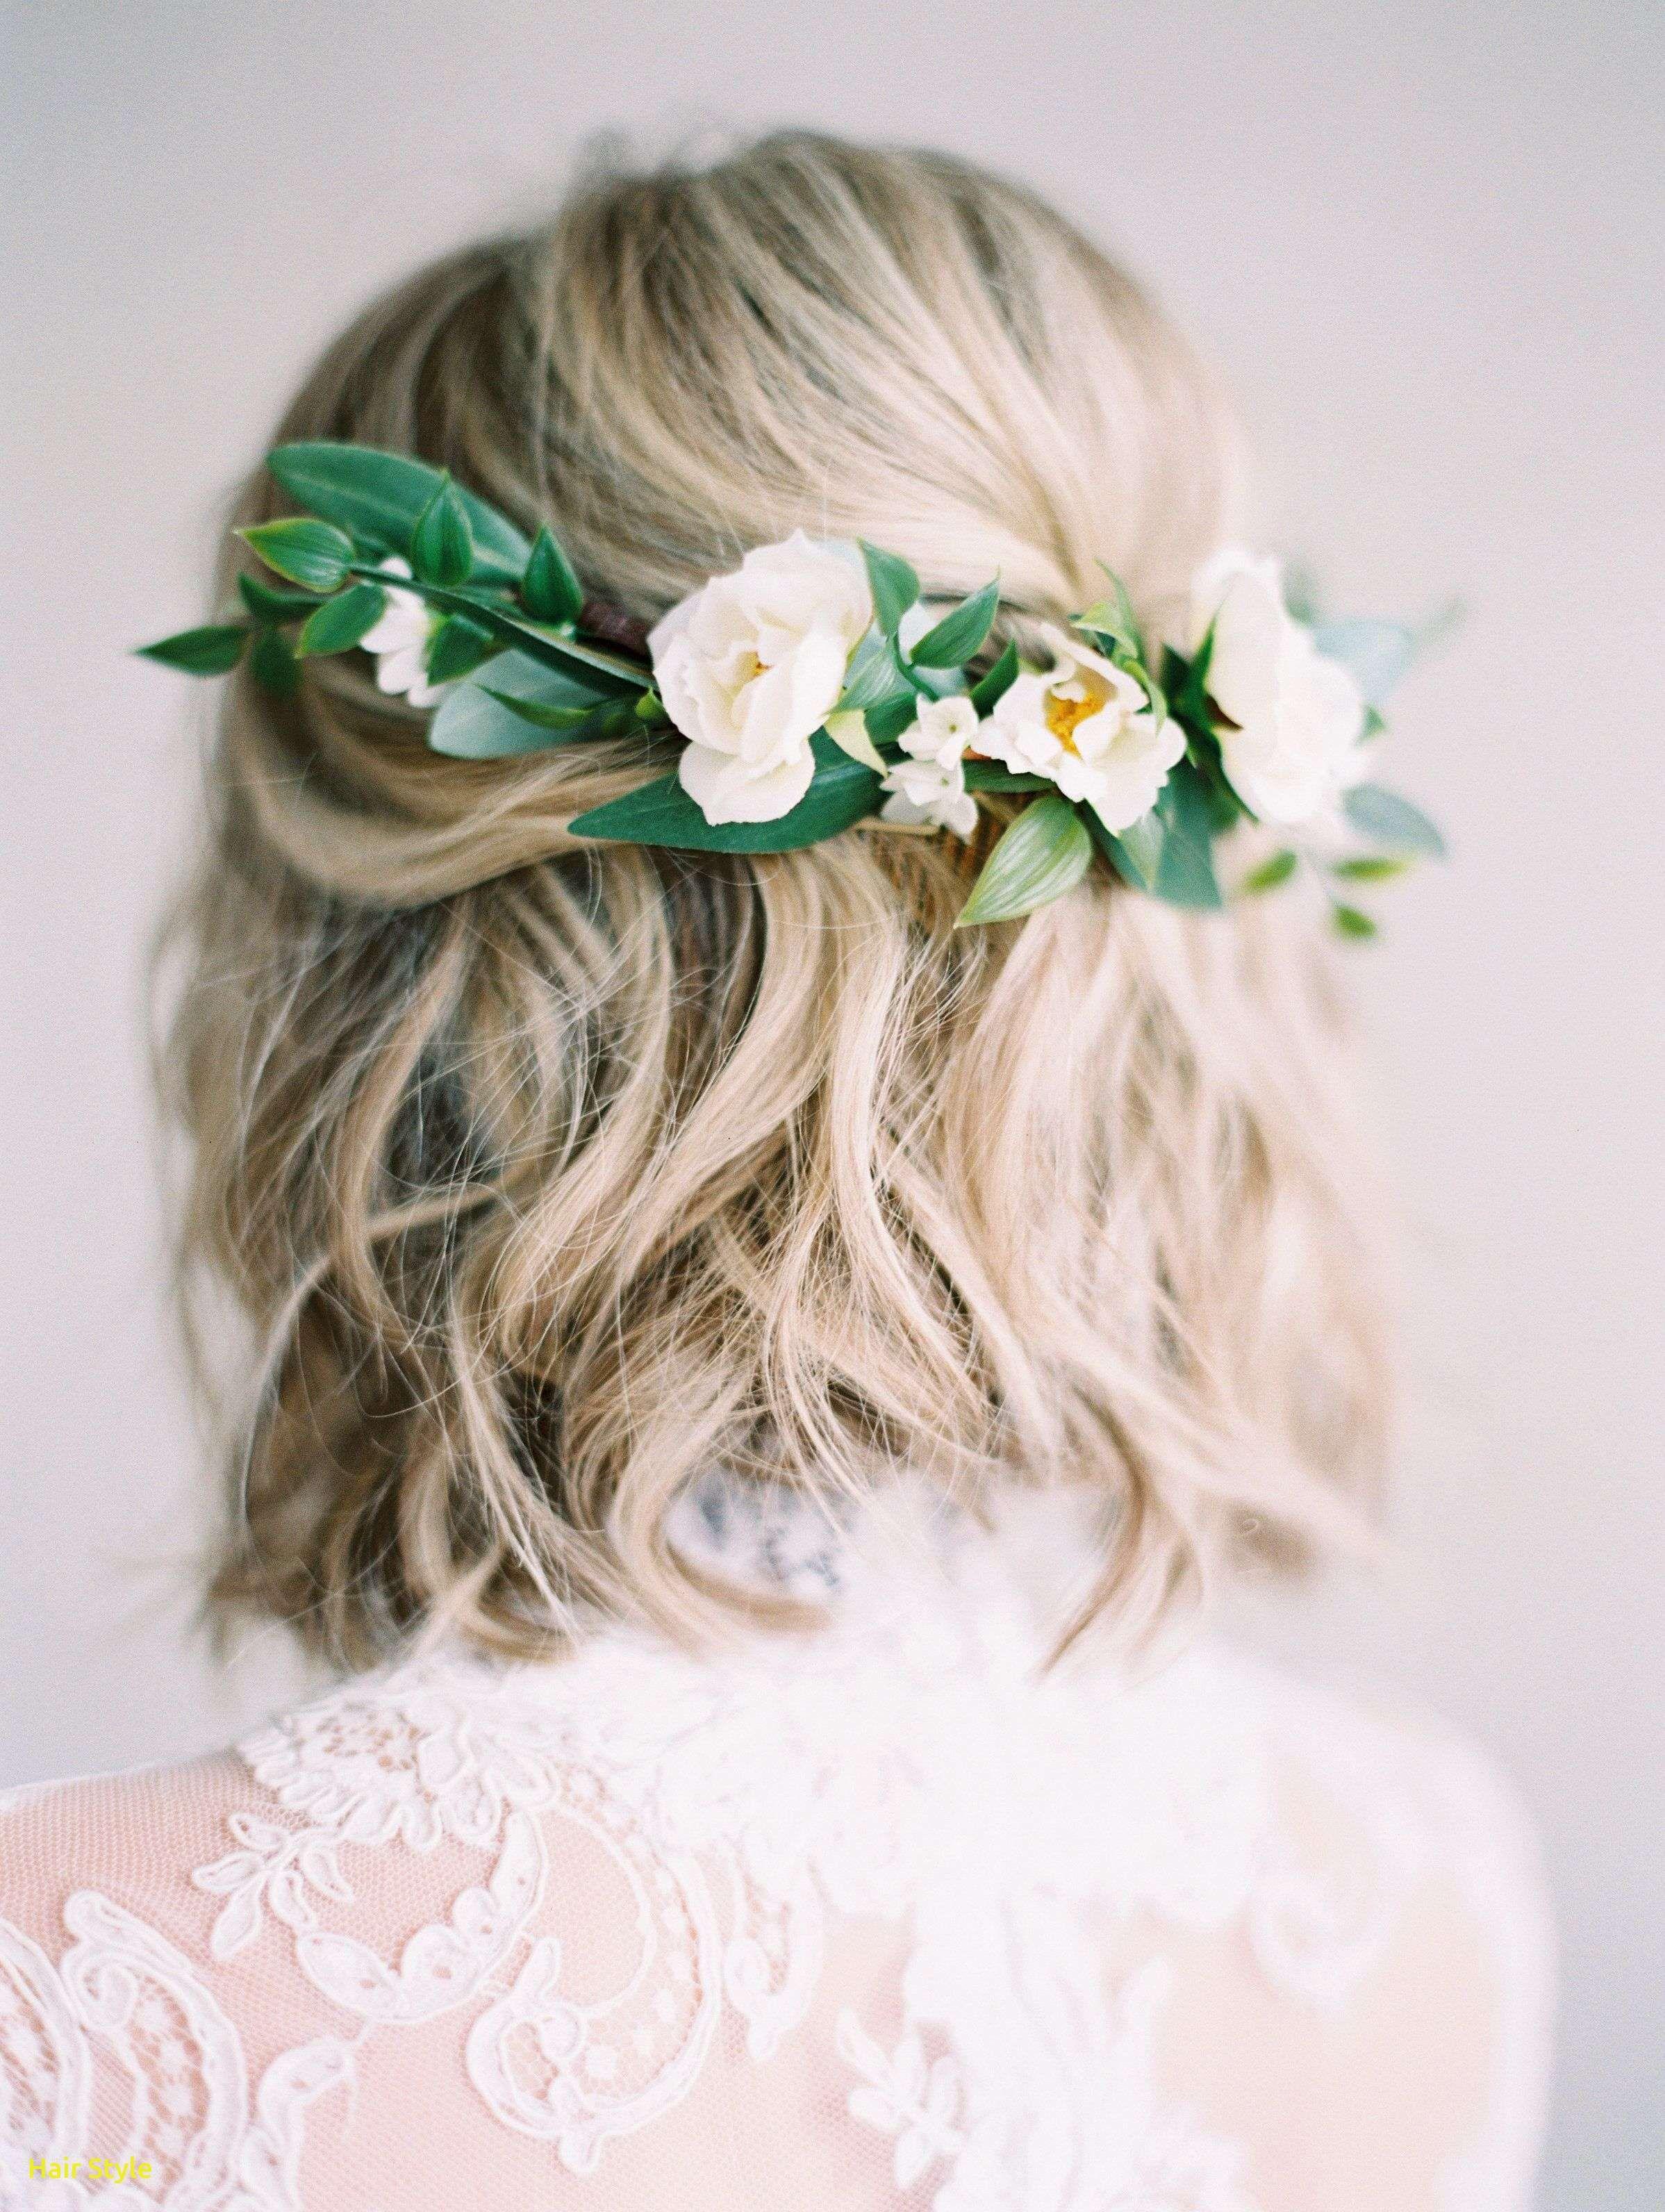 Boda fresca con flores en el pelo – Nuevos estilos de peinados 2019